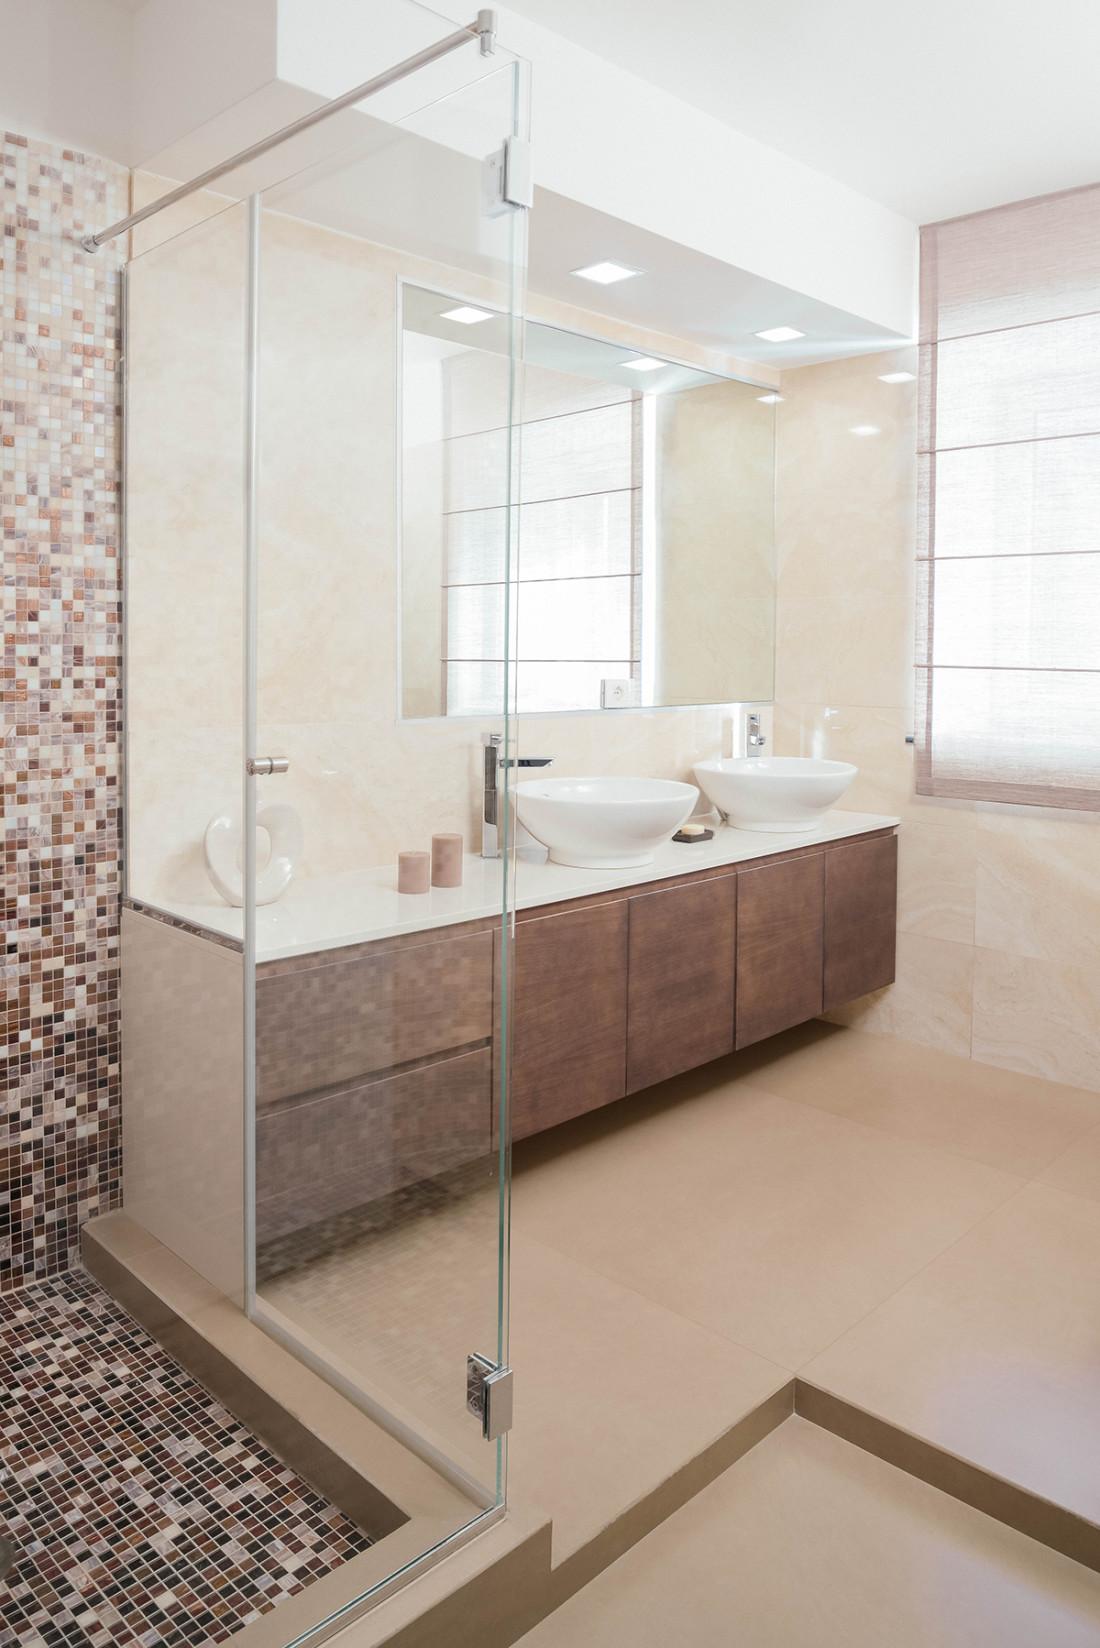 Casa_A+M Bagno, mosaico tiles, falegnameria. Manuarino Architettura. Appartamento a Monte di Procida, NA